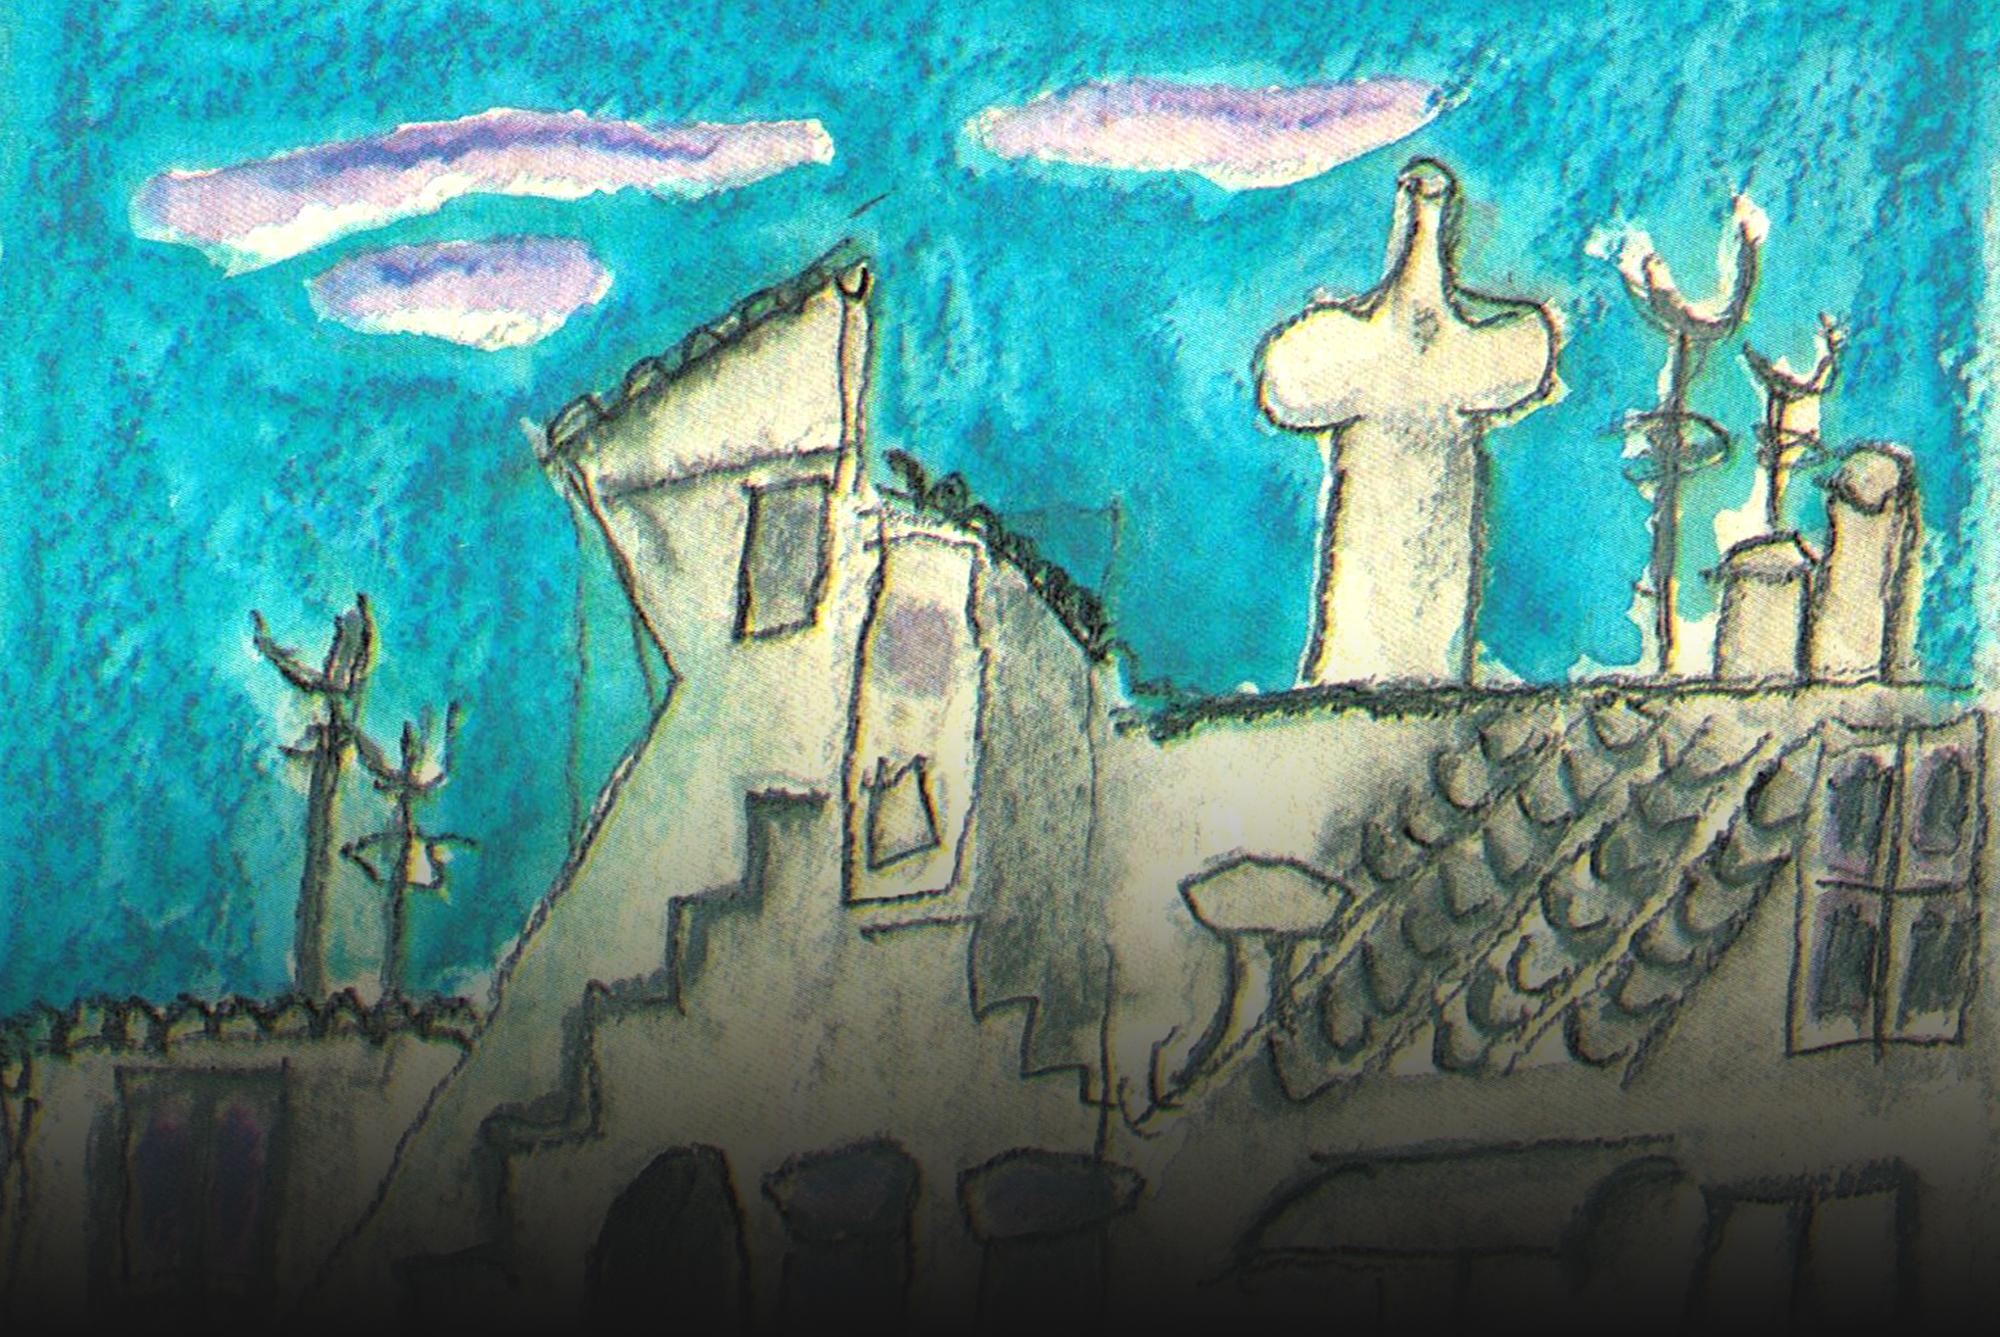 Nuevo libro de Carlos Garrido: 'La Paz'